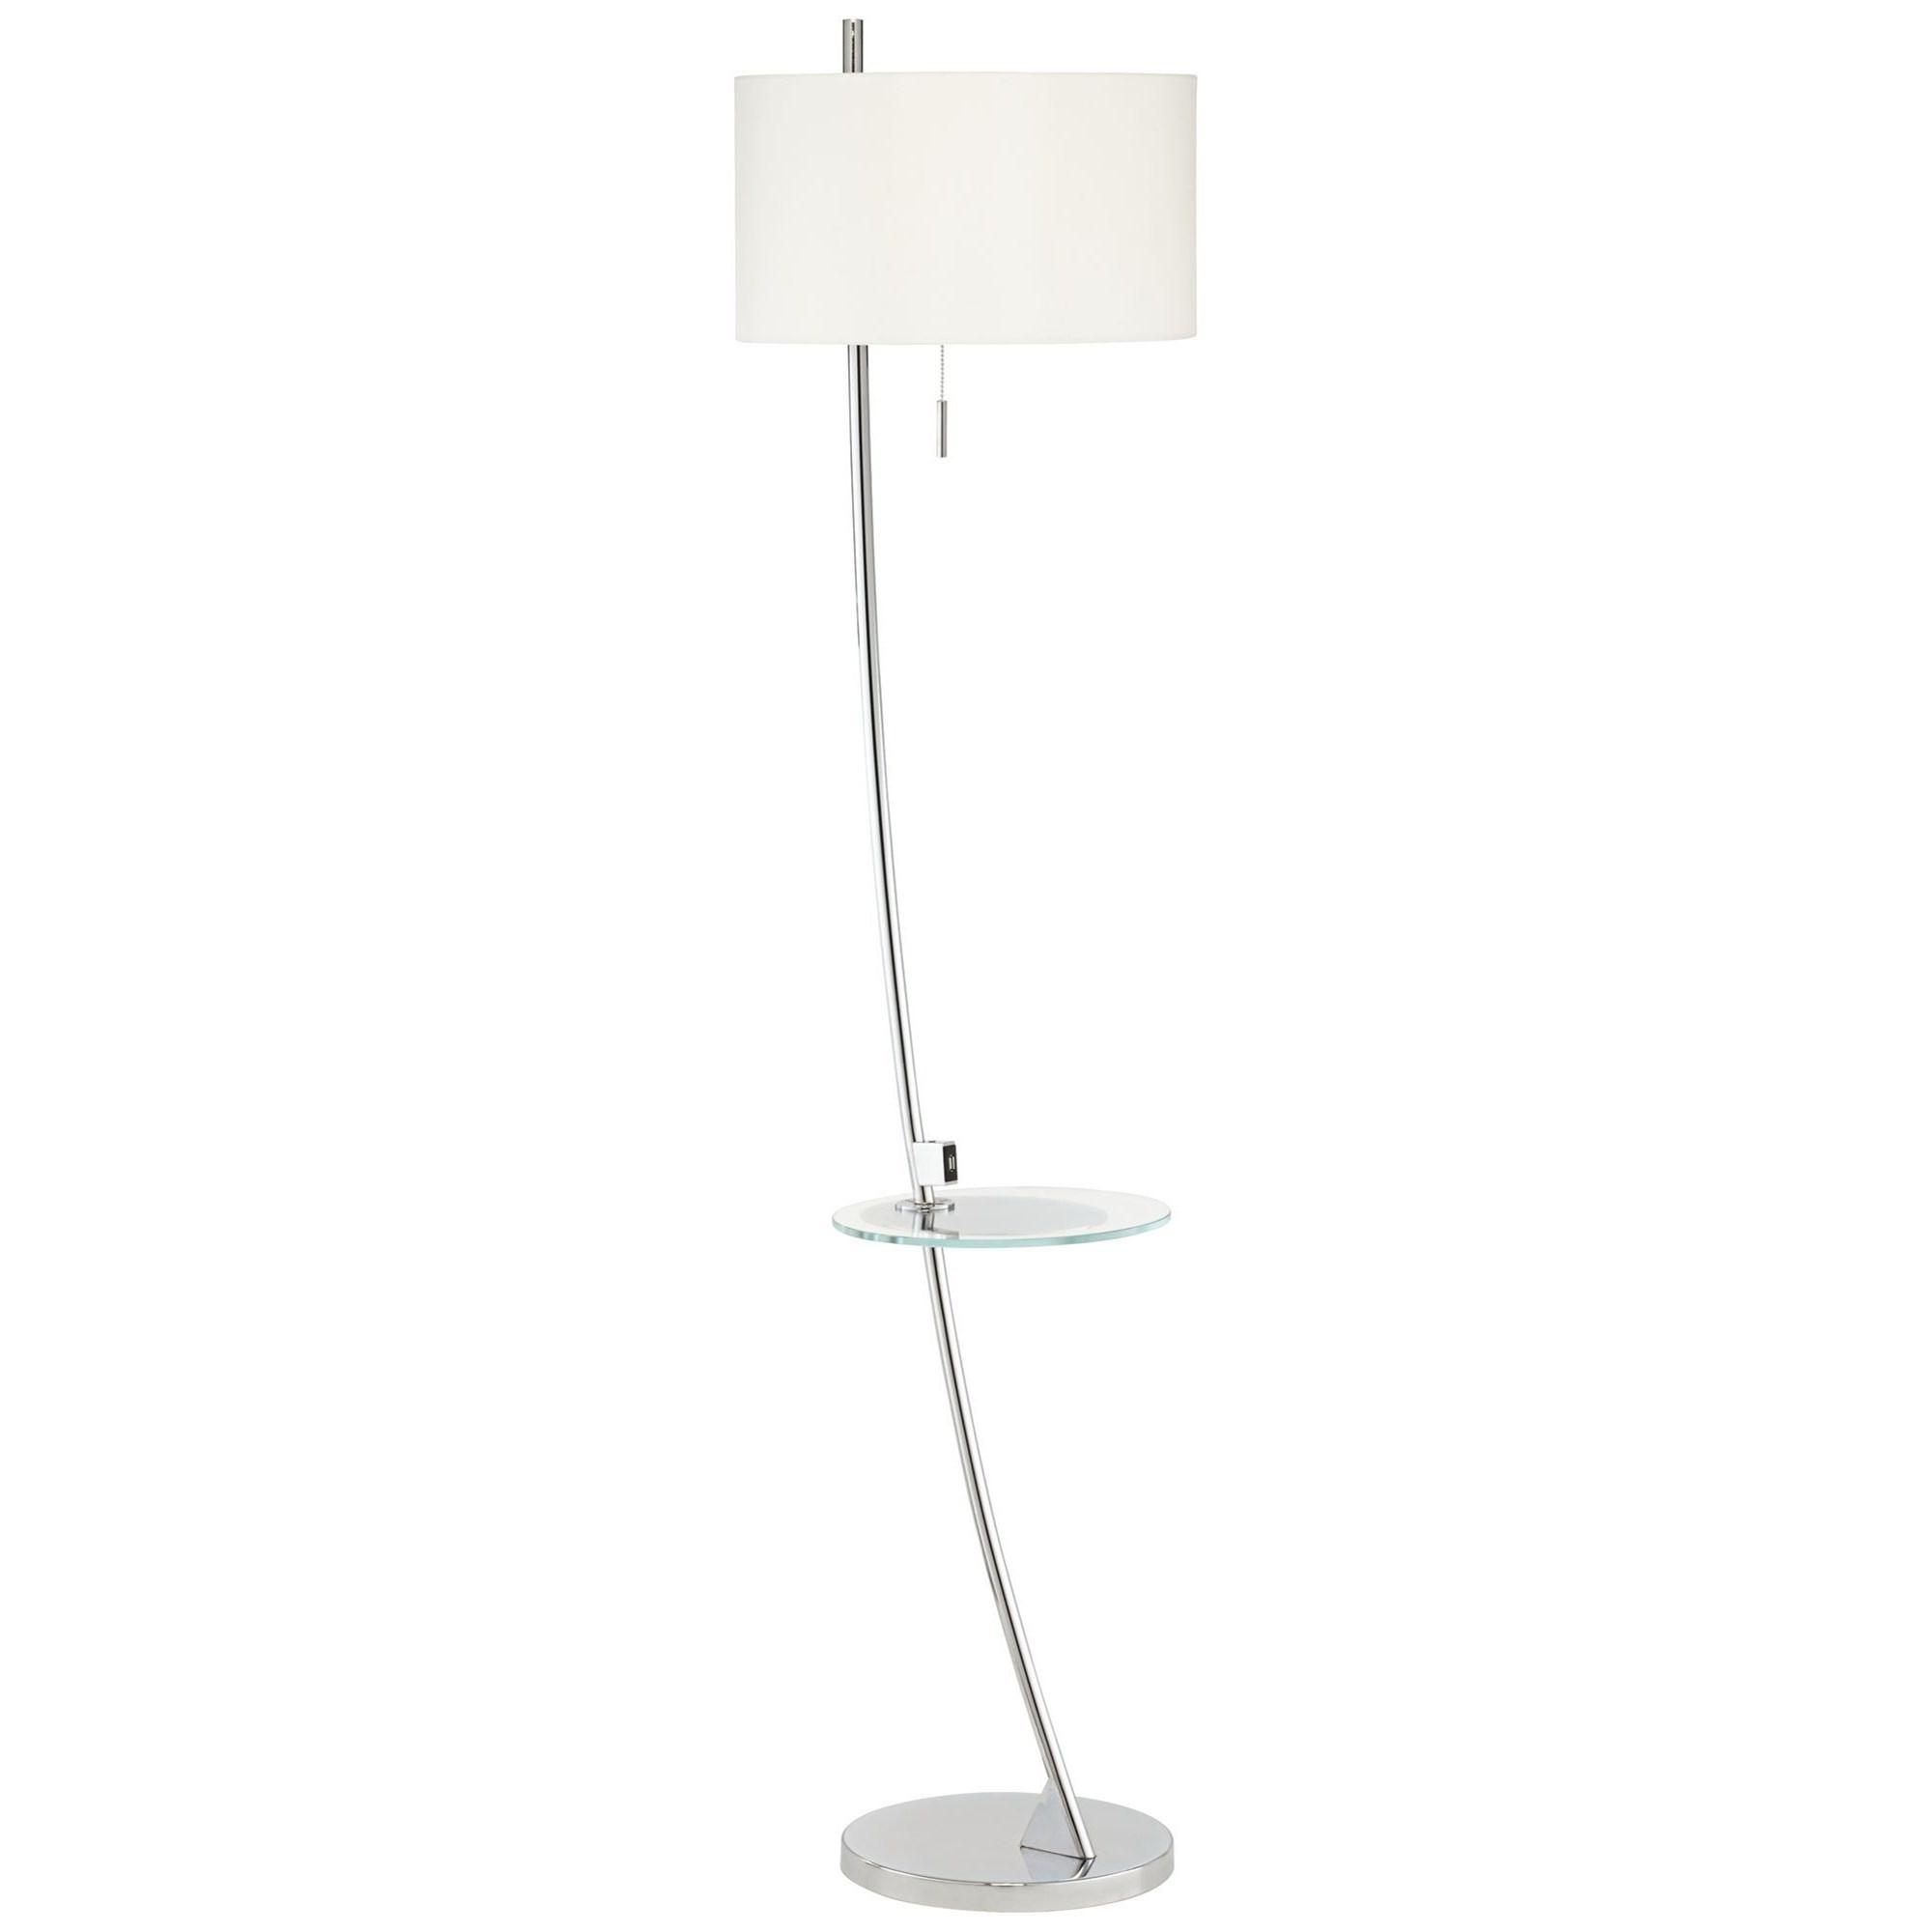 Trezzio With Usb & Glass Tray Floor Lamp